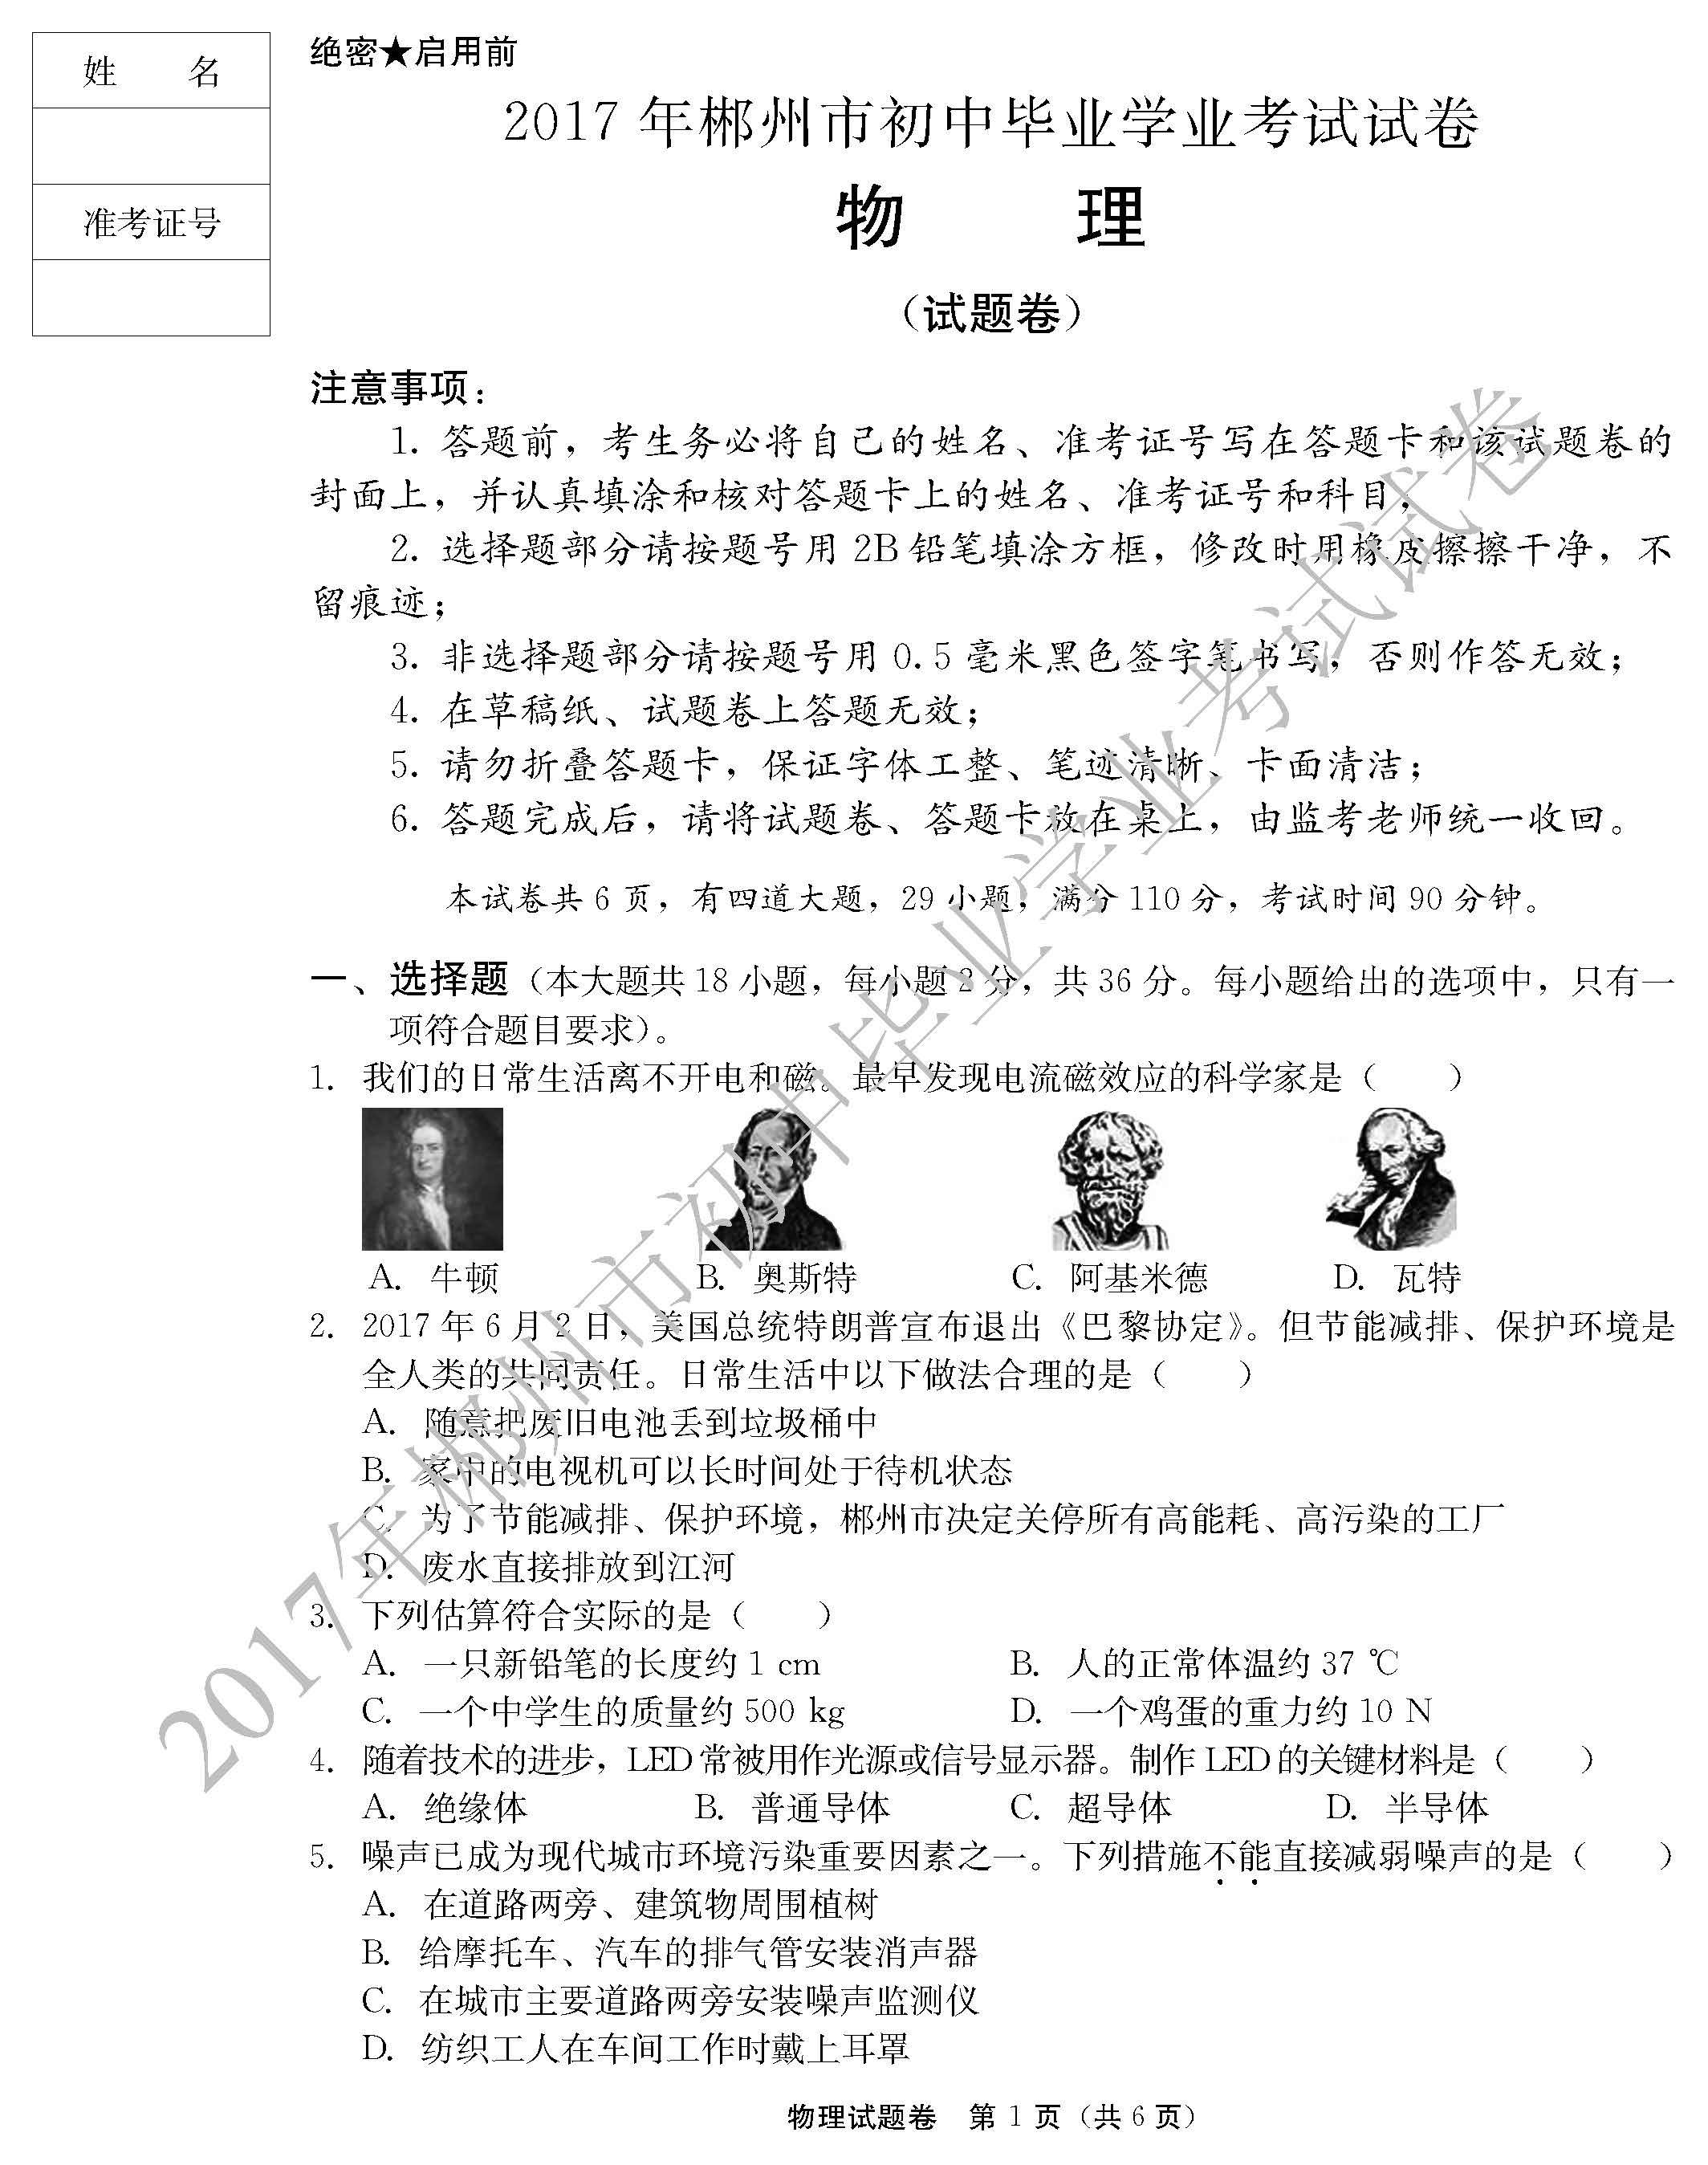 2017郴州中考物理试题及答案解析(图片版含答案)